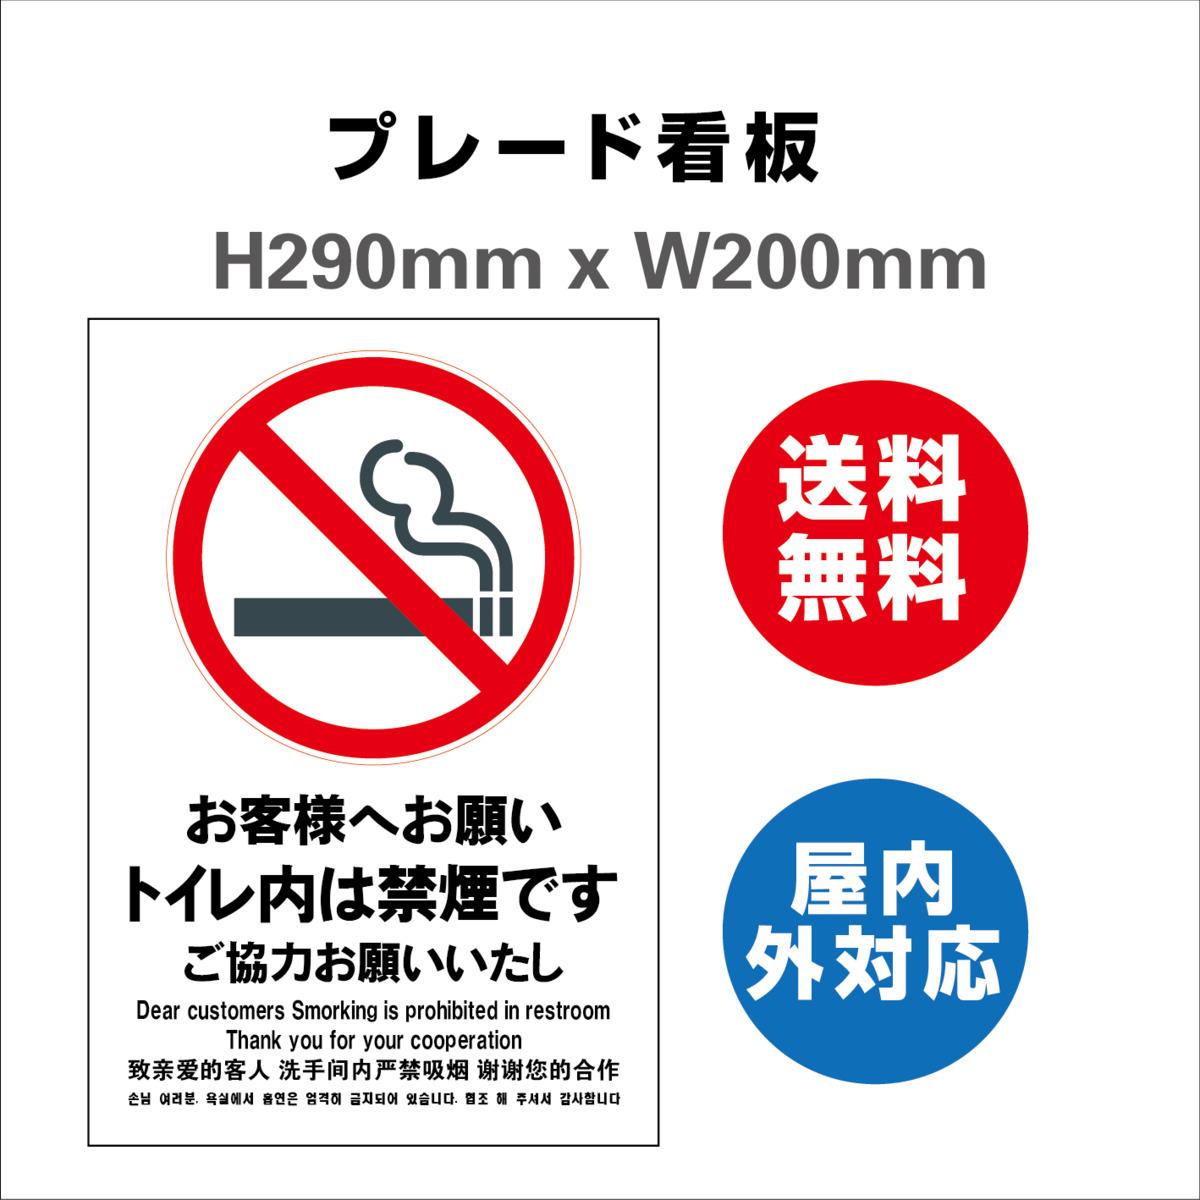 H290xW200mm 送料無料 トイレでの喫煙をご遠慮いただきたい時に使えるプレート看板 1年保証 軽くて丈夫なアルミ板製の標識です 英語 中国語表記入り 屋内屋外 安全用品 贈呈 トイレ内禁煙 看板 プレート看板 標識スクエア